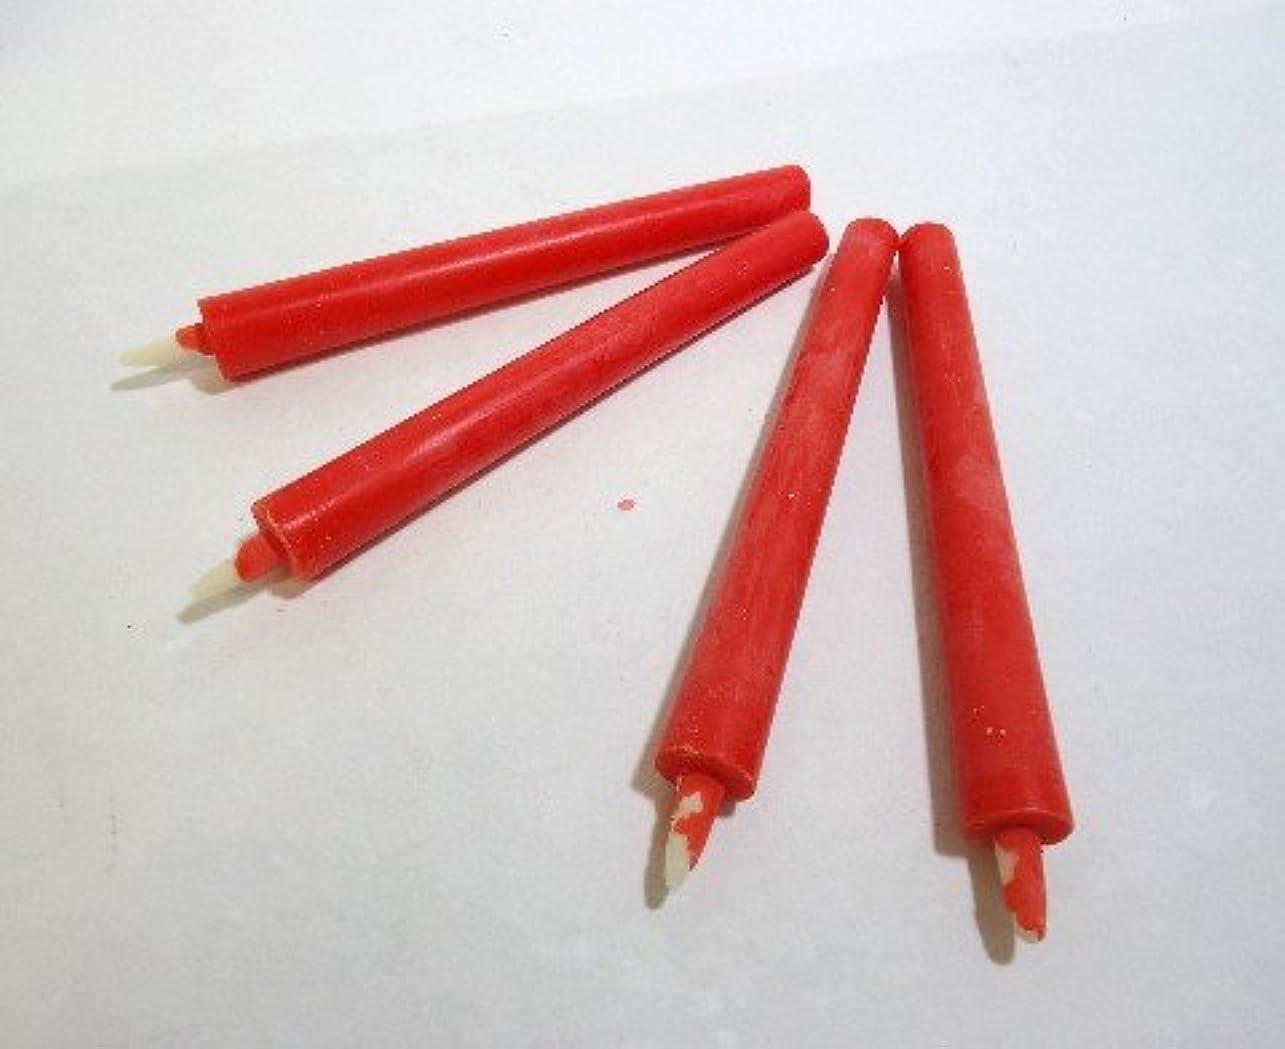 サンダル些細な値下げ和ろうそく 型和蝋燭 ローソク【朱】 棒 2号 朱色 50本入り 約11センチ